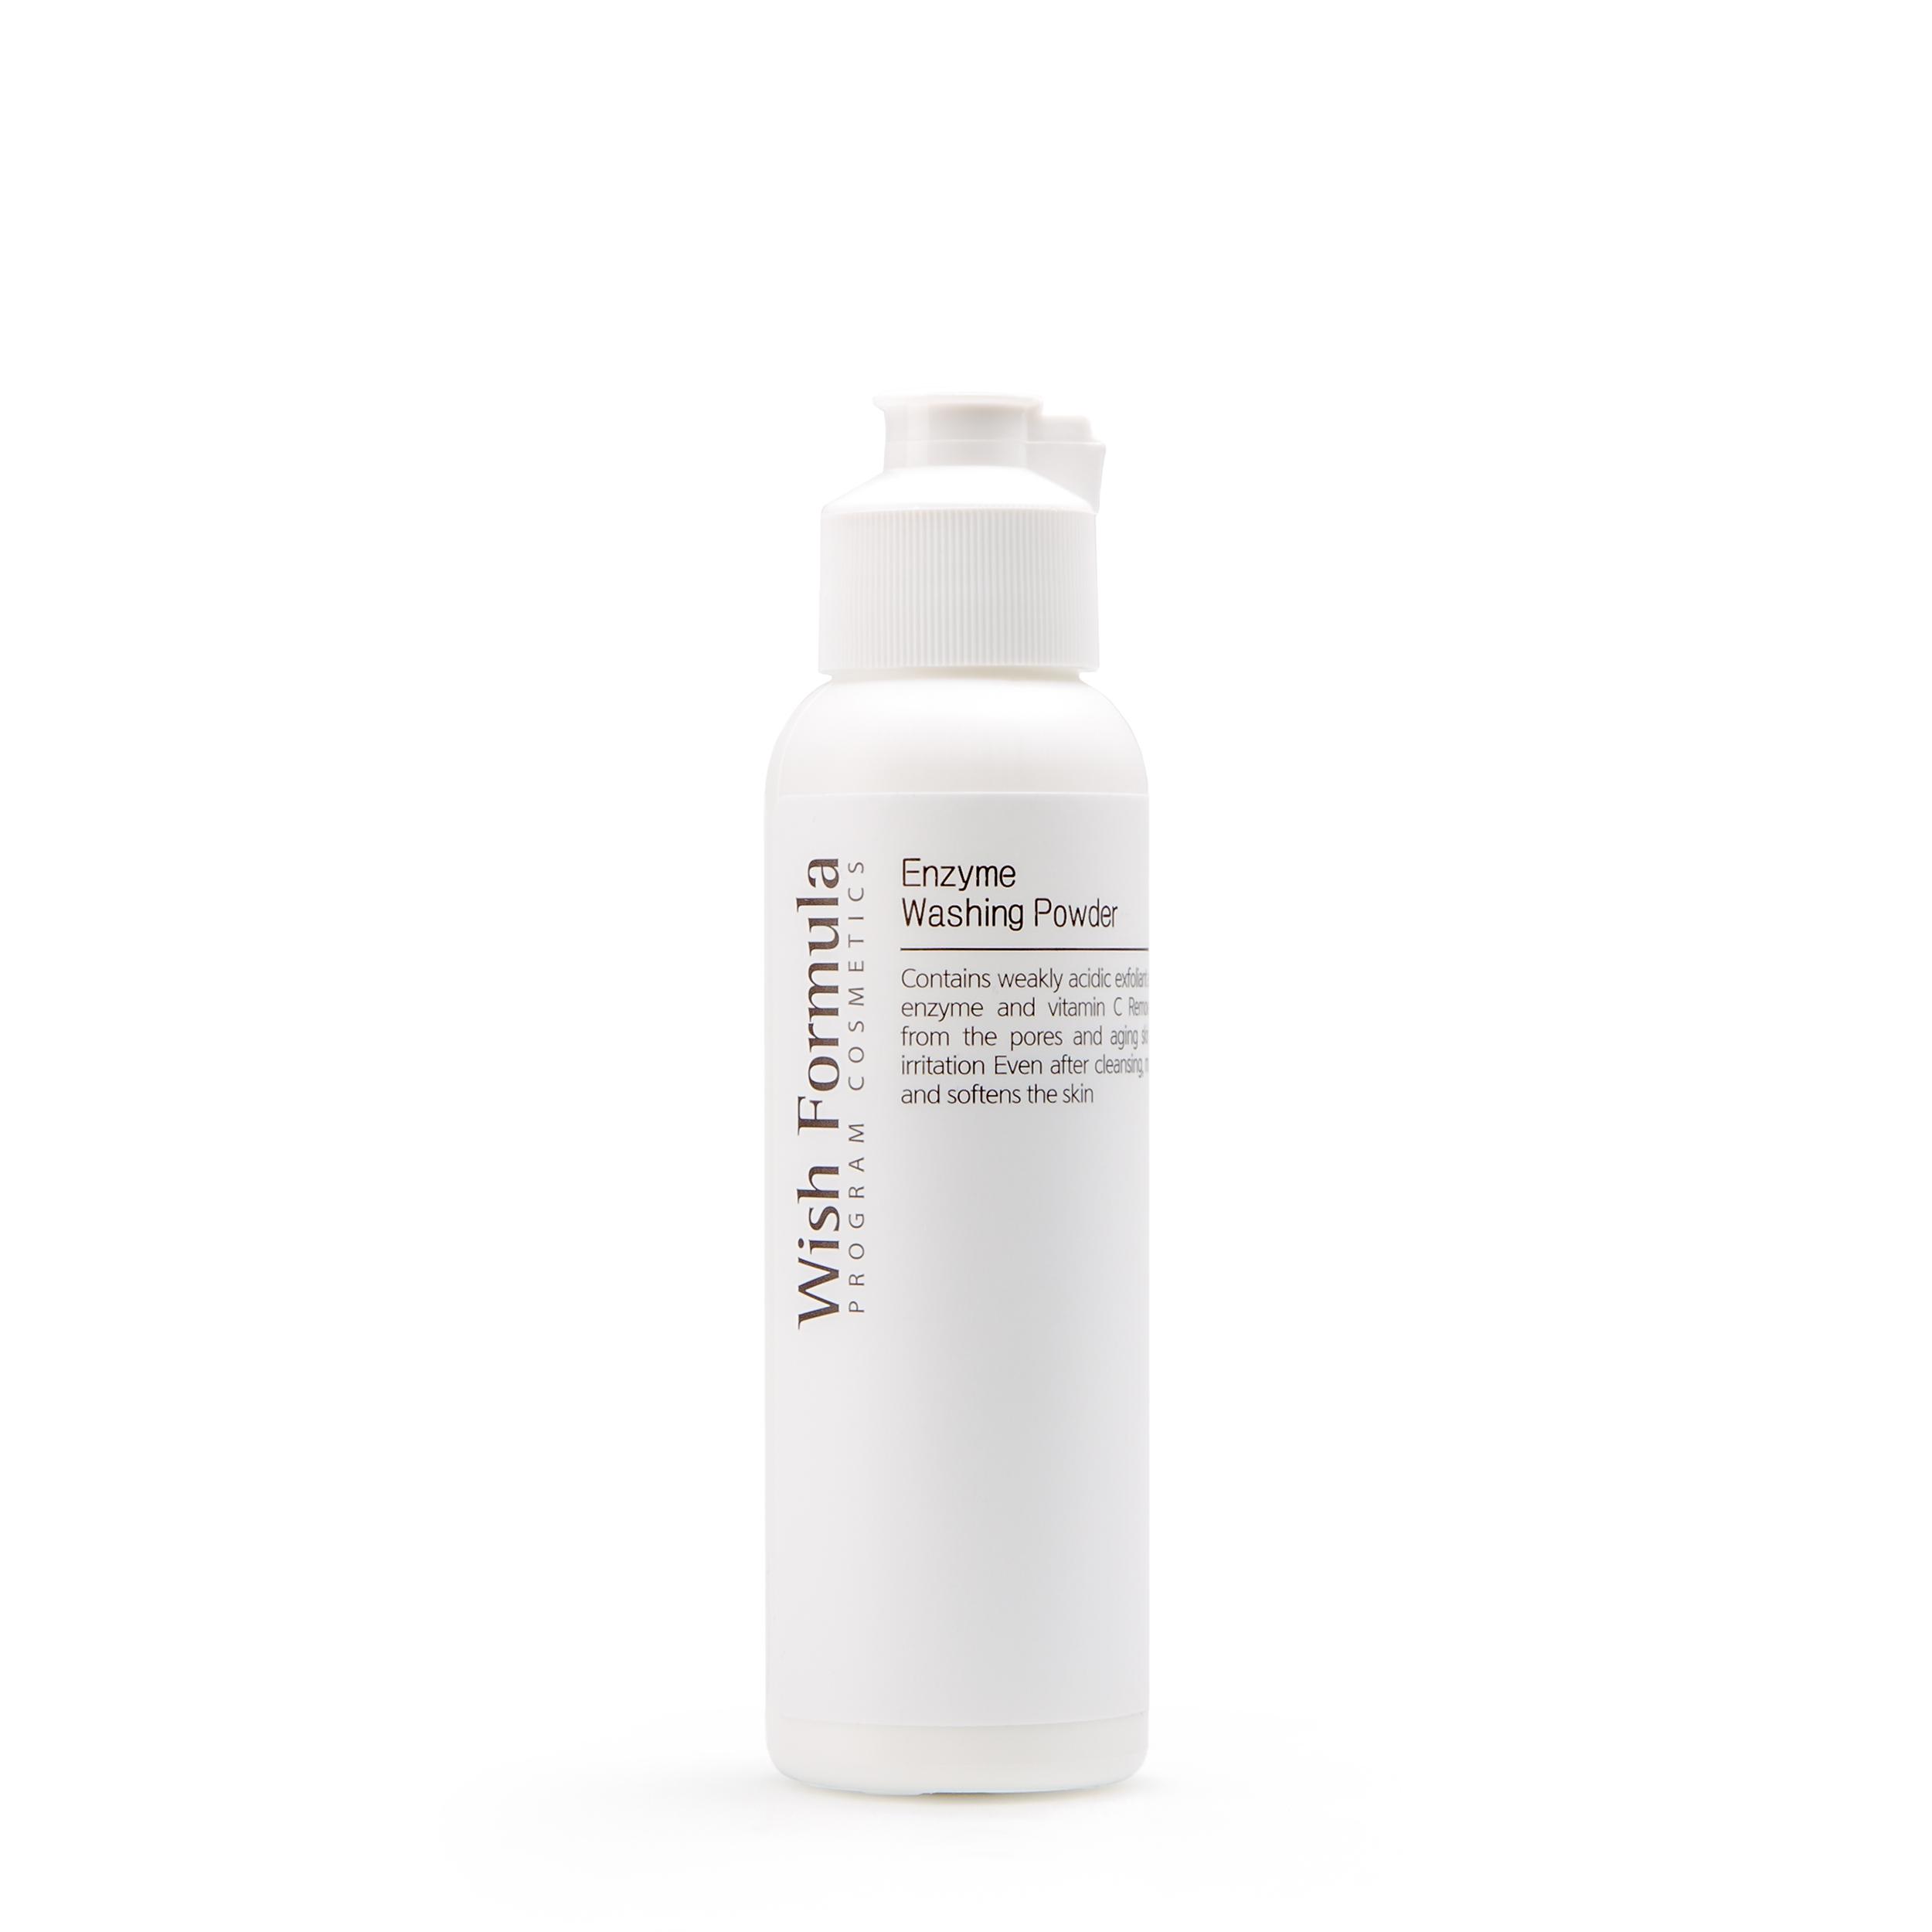 Wish Formula Энзимный порошок для глубокого очищения «Enzyme Washing Powder»